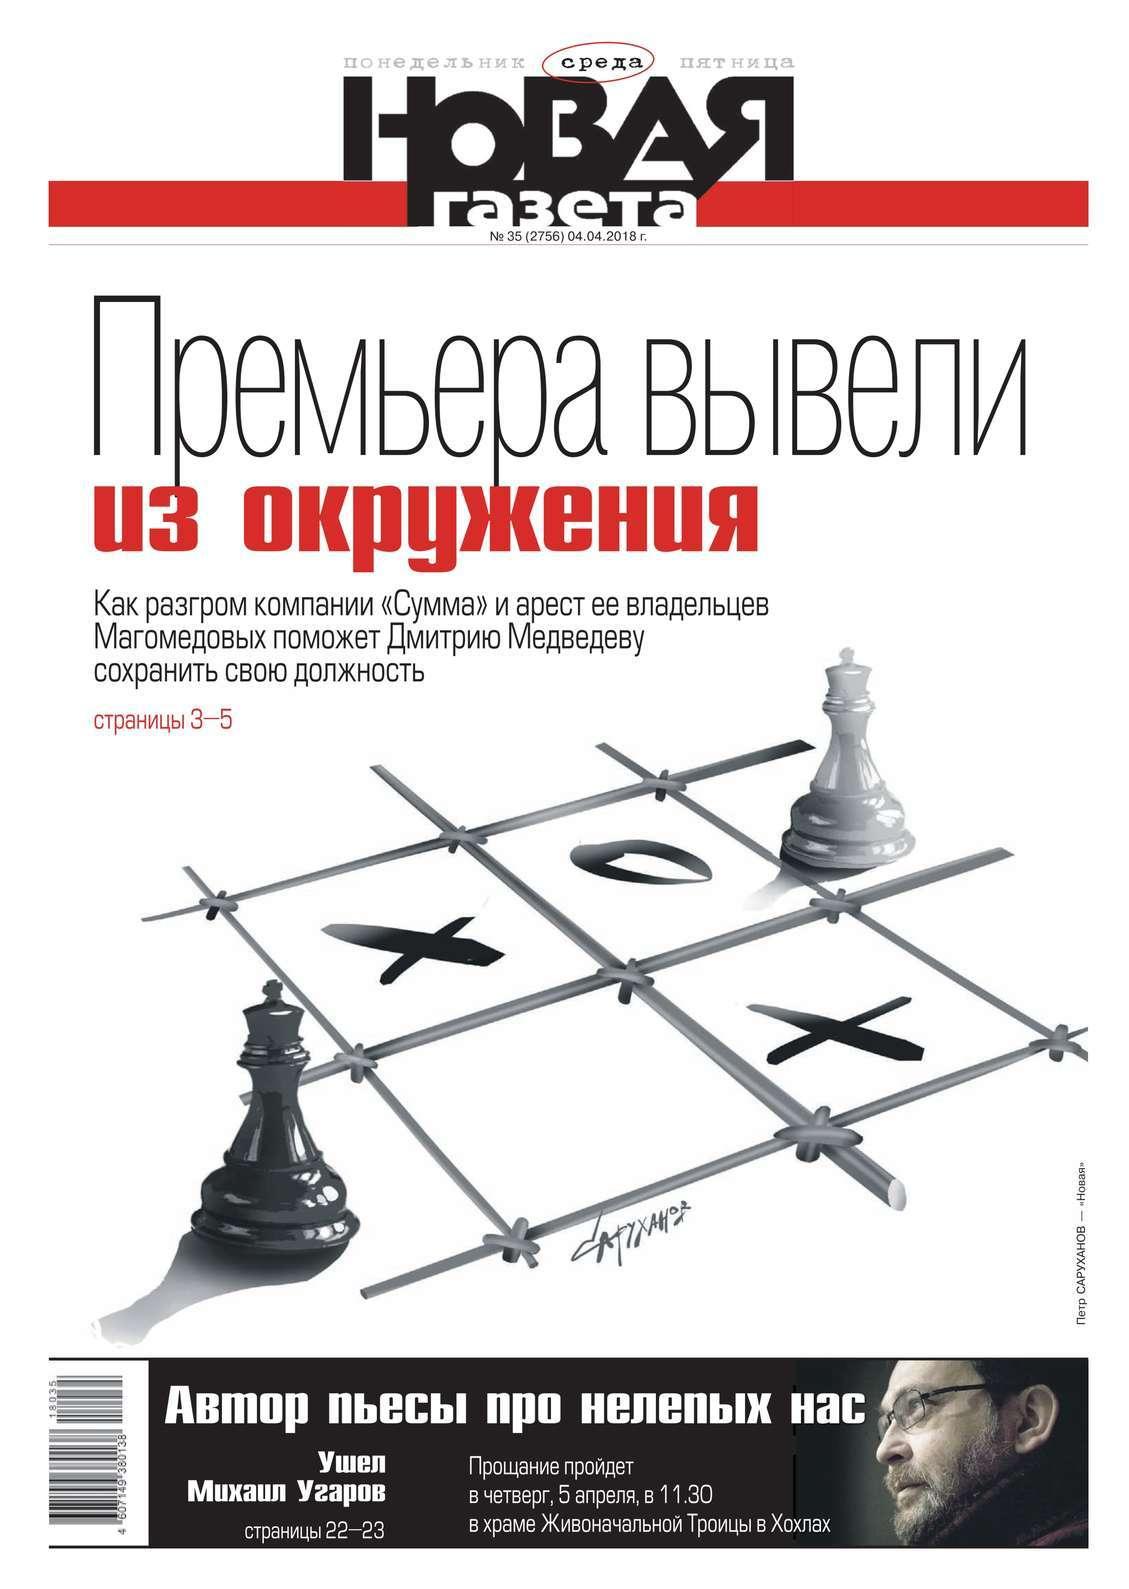 Редакция газеты Новая газета. Новая Газета 35-2018